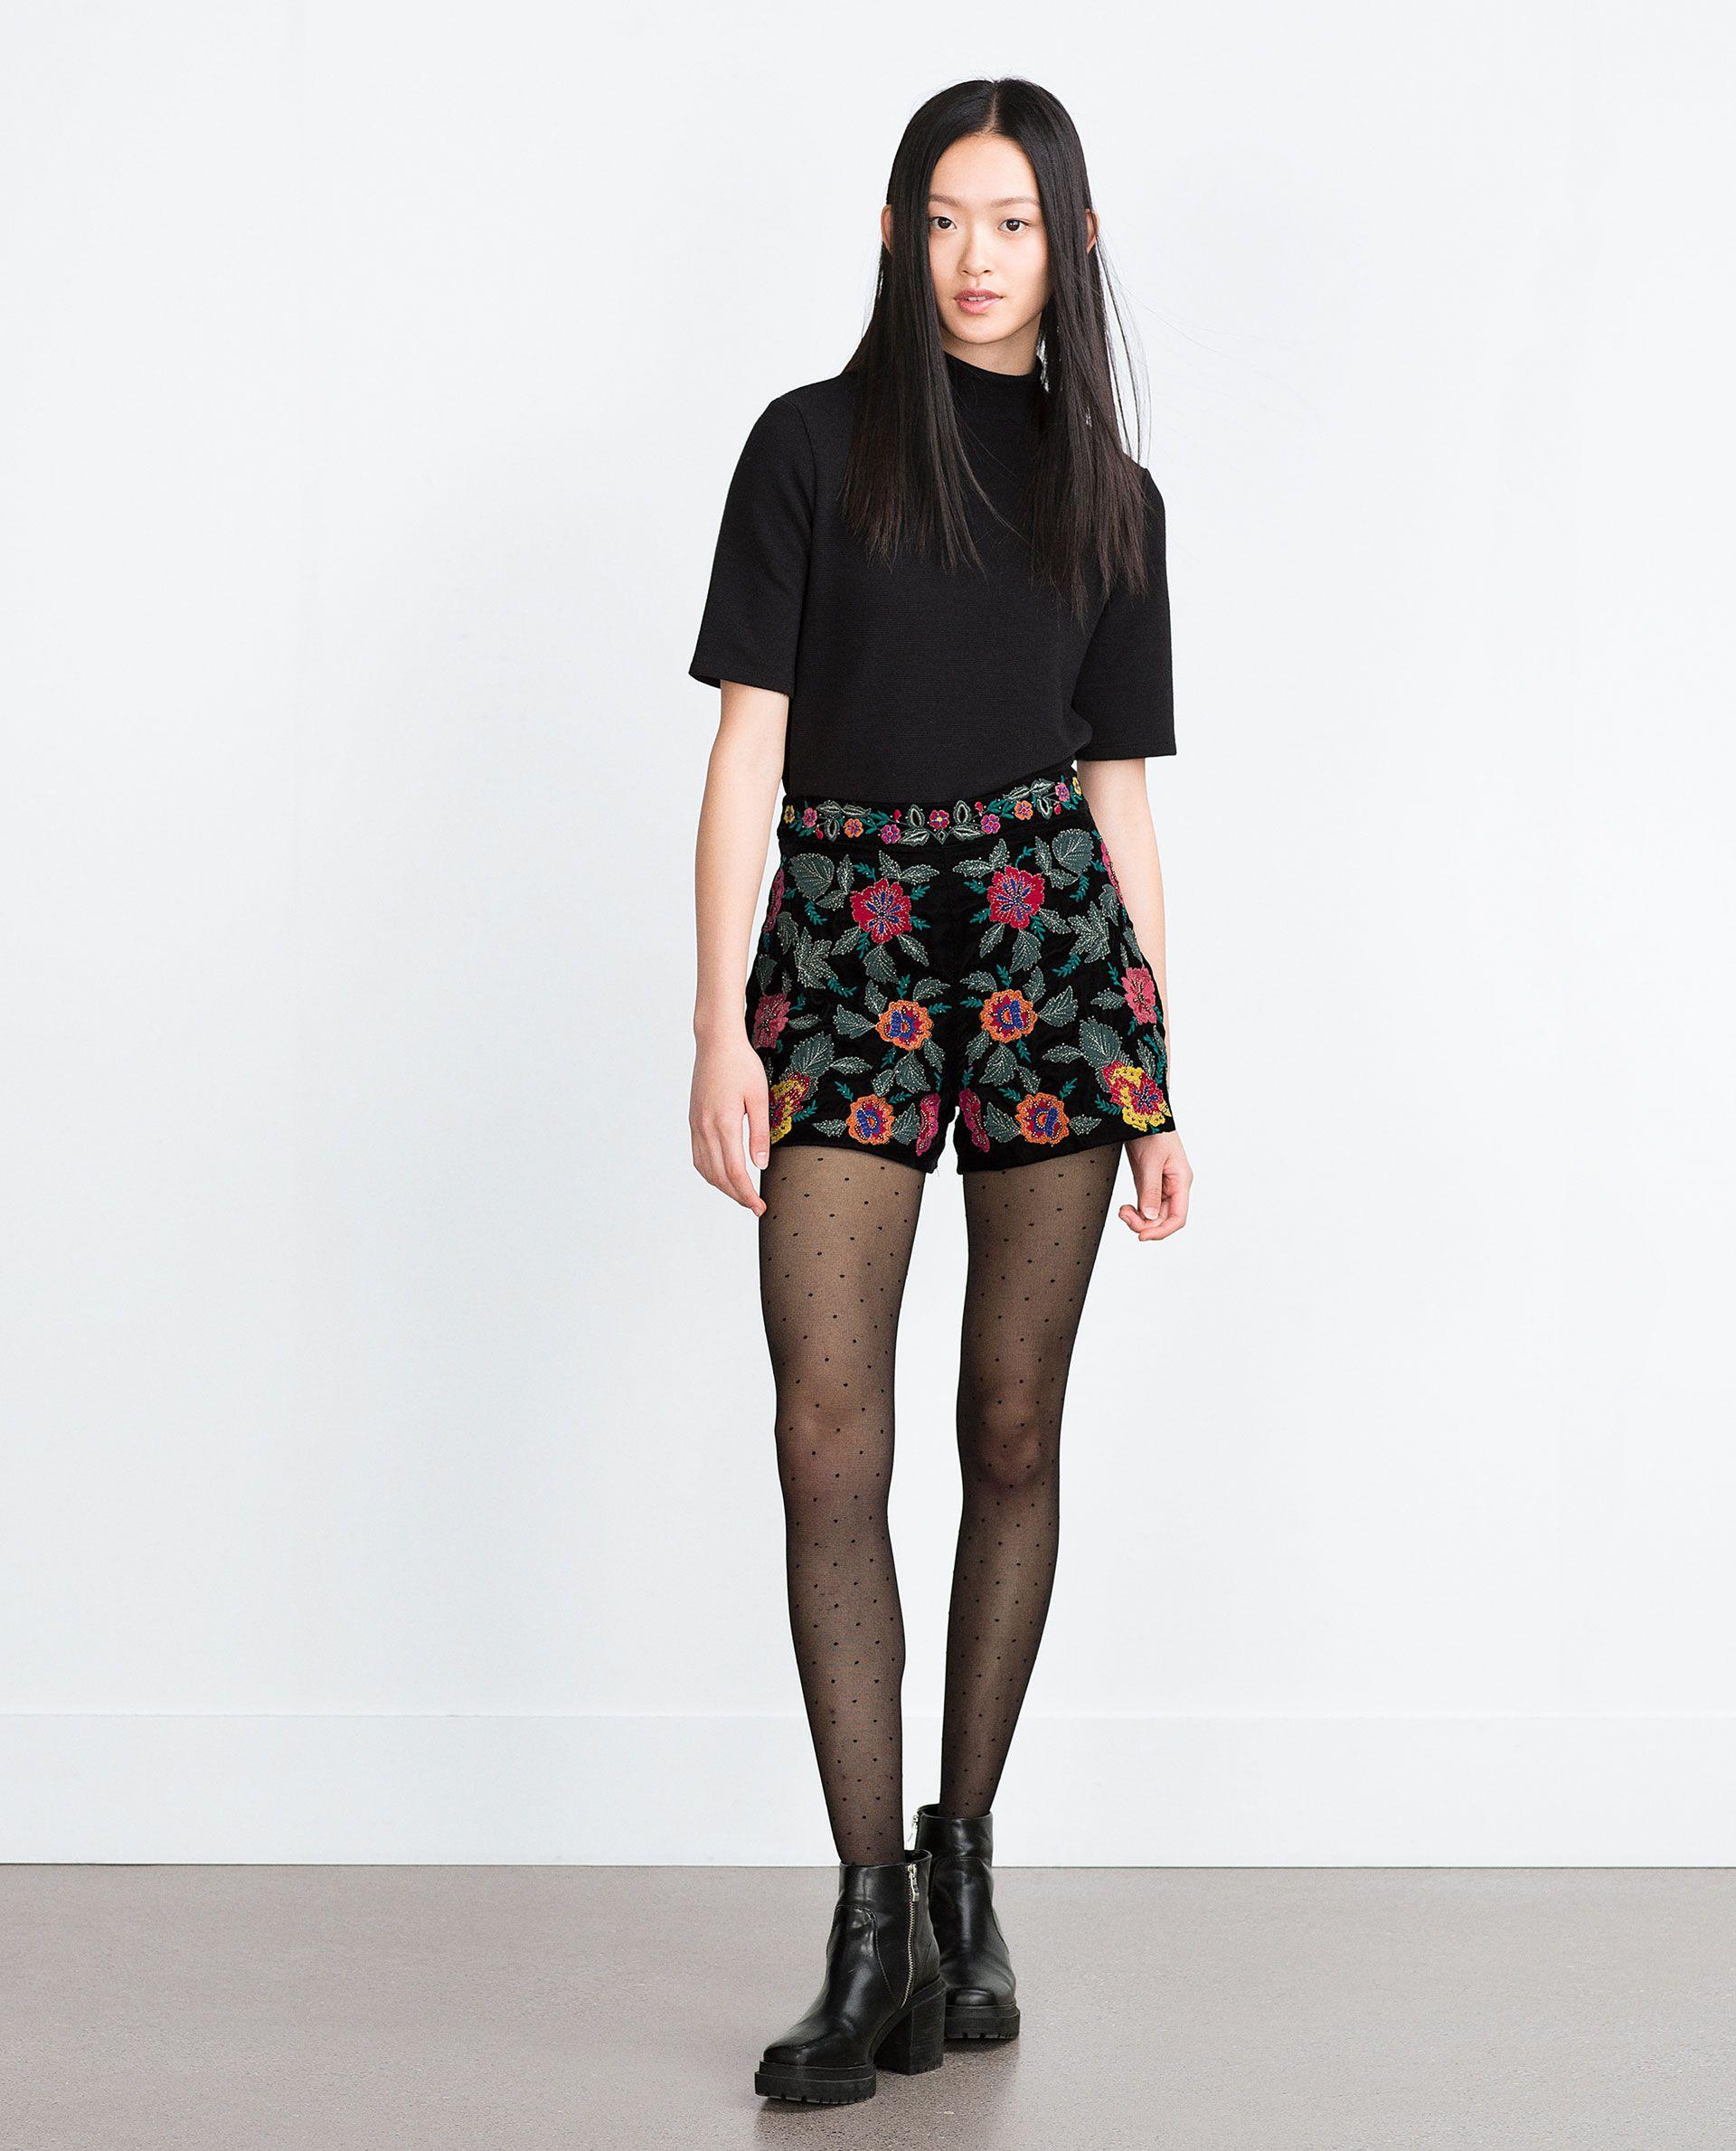 Mujer España 78g6qx Pantalones Terciopelo Zara Shorts Bordado Short UHvXUx